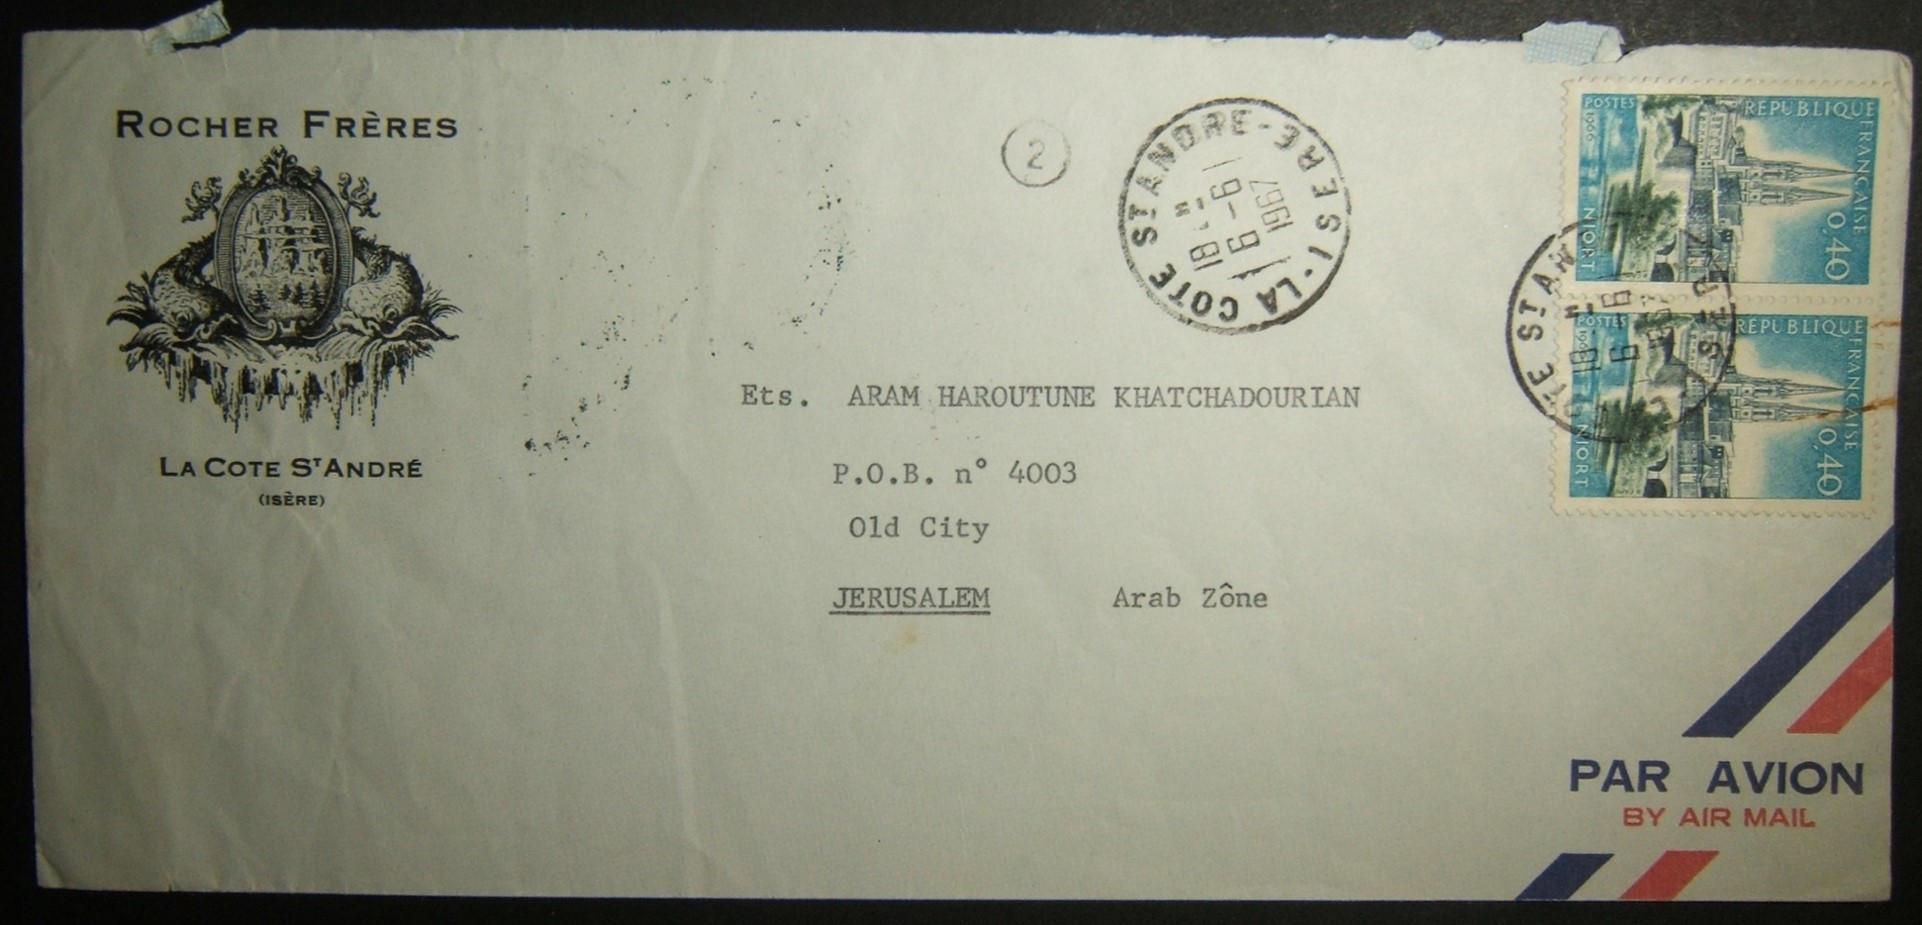 6/1967 البريد الجوي الفرنسي إلى الأردني القدس ، تأجلت الحرب ونقل إلى الصليب الأحمر إلى إسرائيل